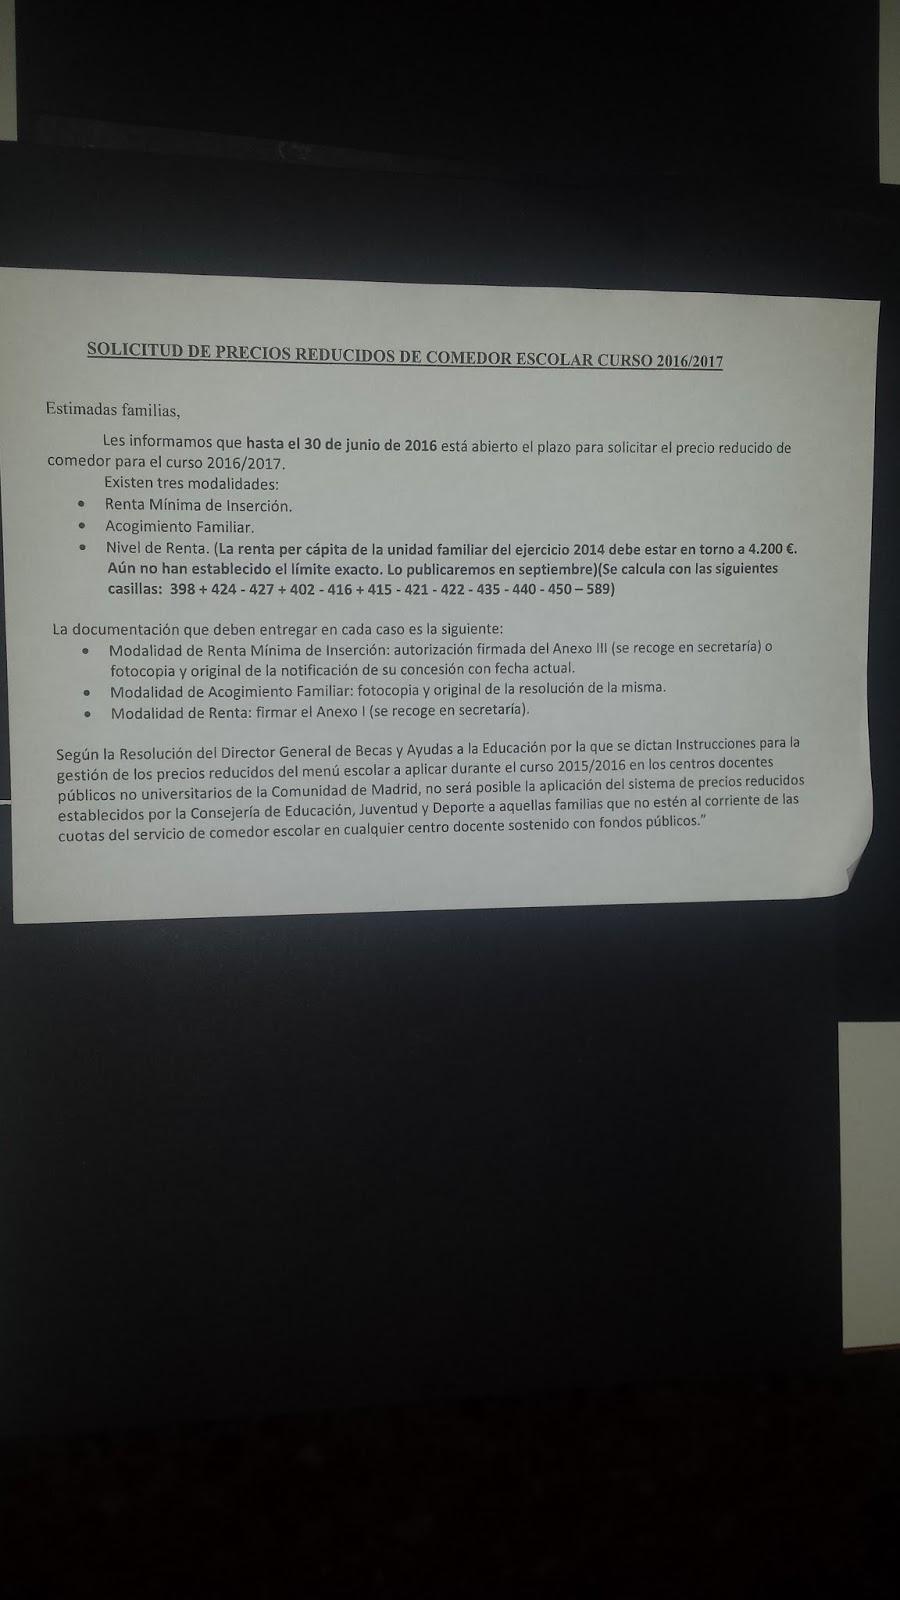 Locowriche at jl solicitud de precios reducidos de for Comedor escolar